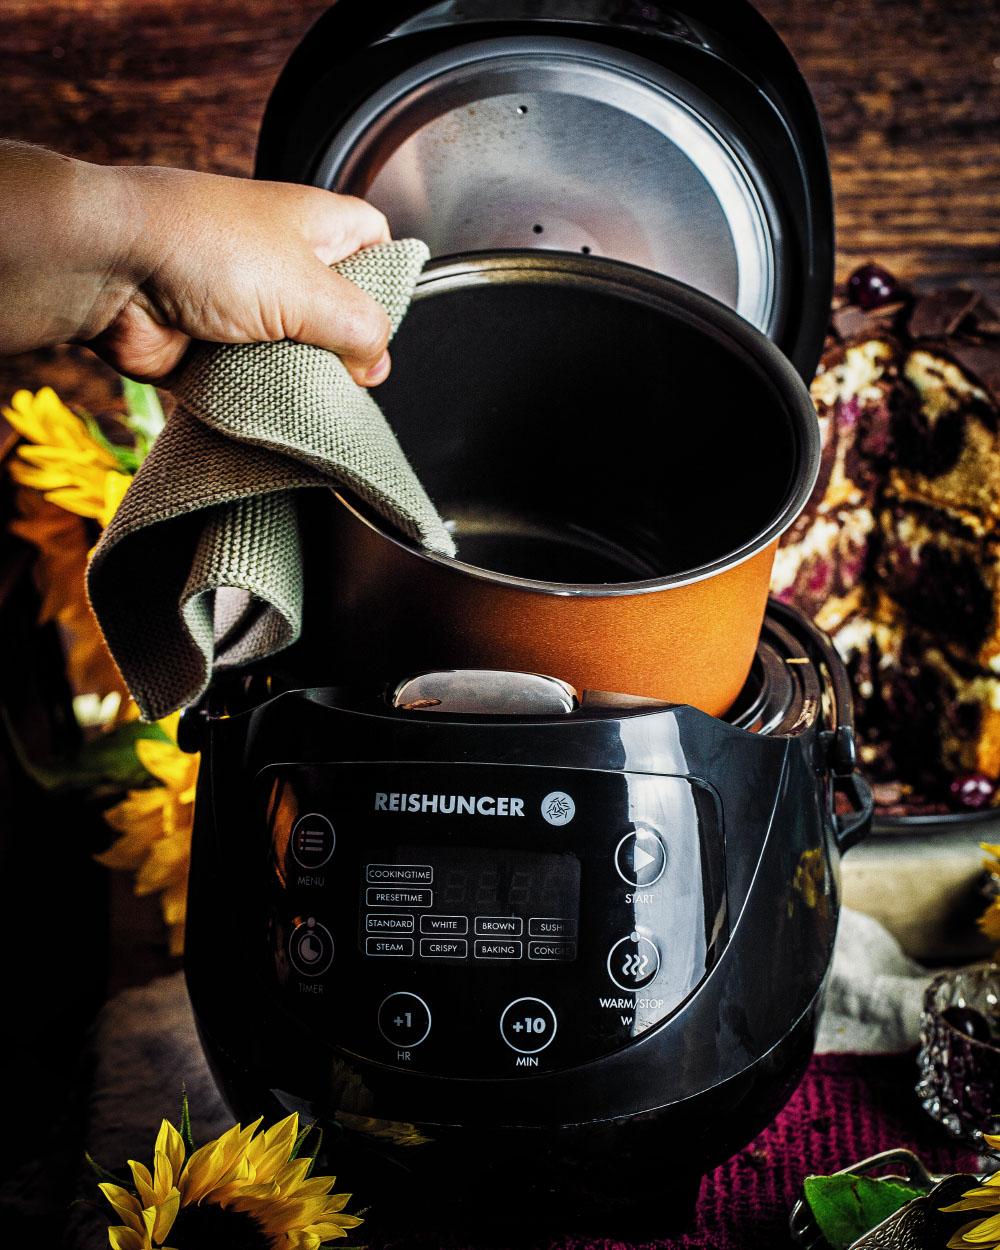 Donauwellen-Torte backen im digitalen Reiskocher von Reishunger einfaches Rezept